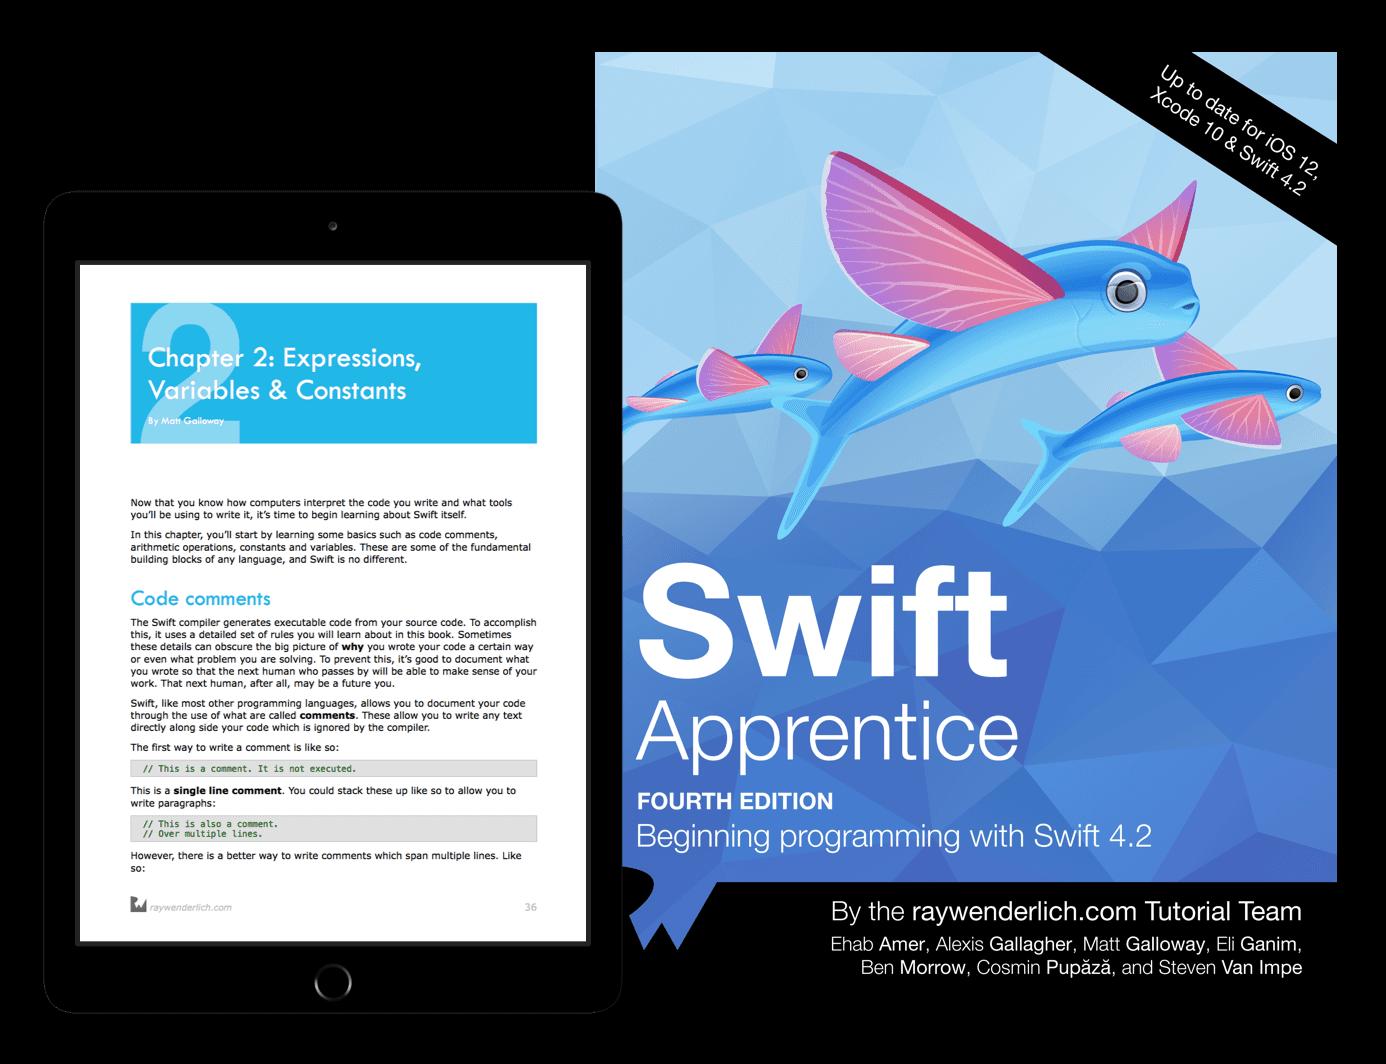 swift apprentice book cover